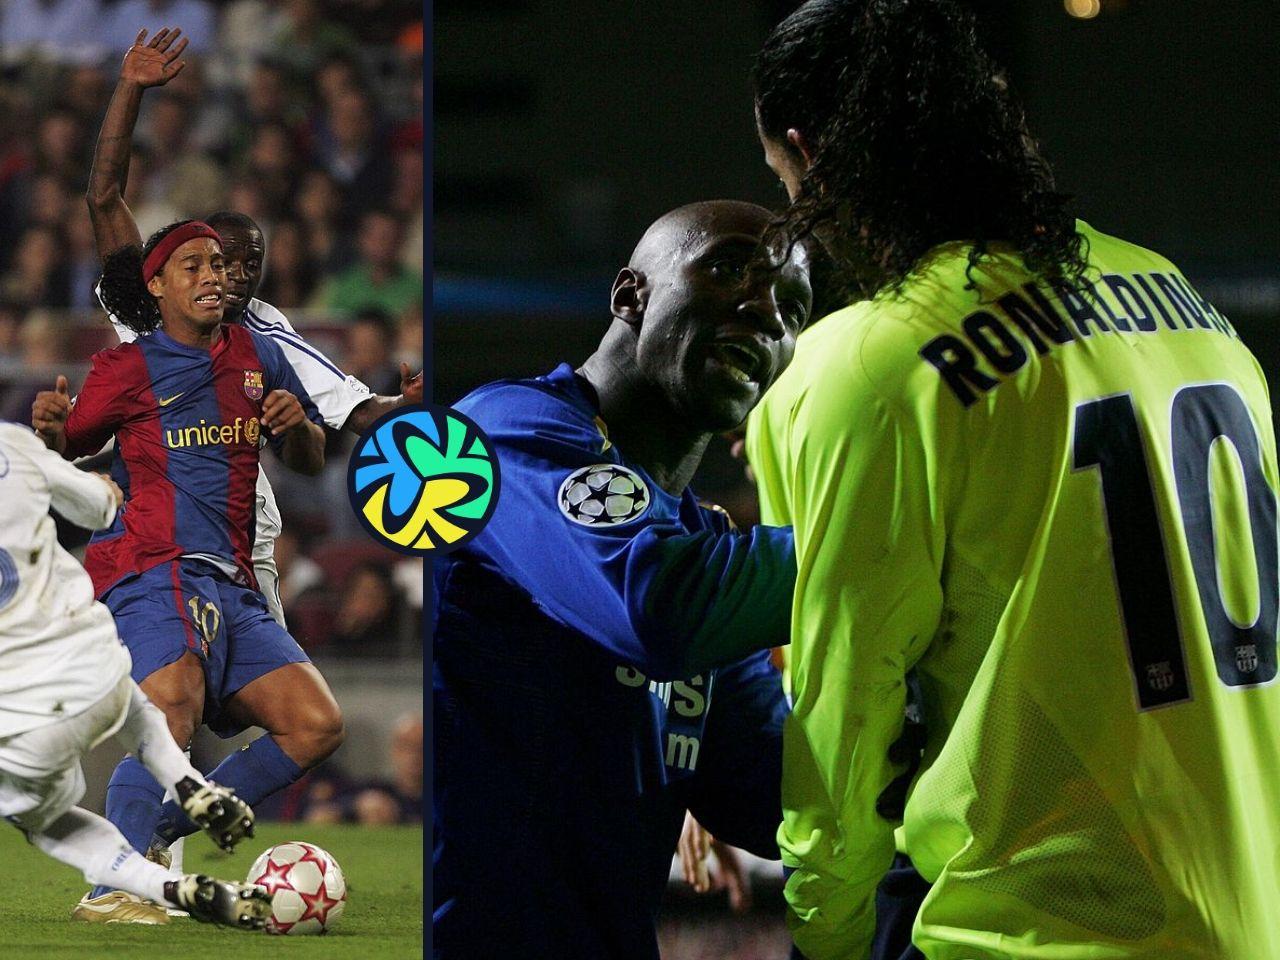 Makelele, Ronaldinho